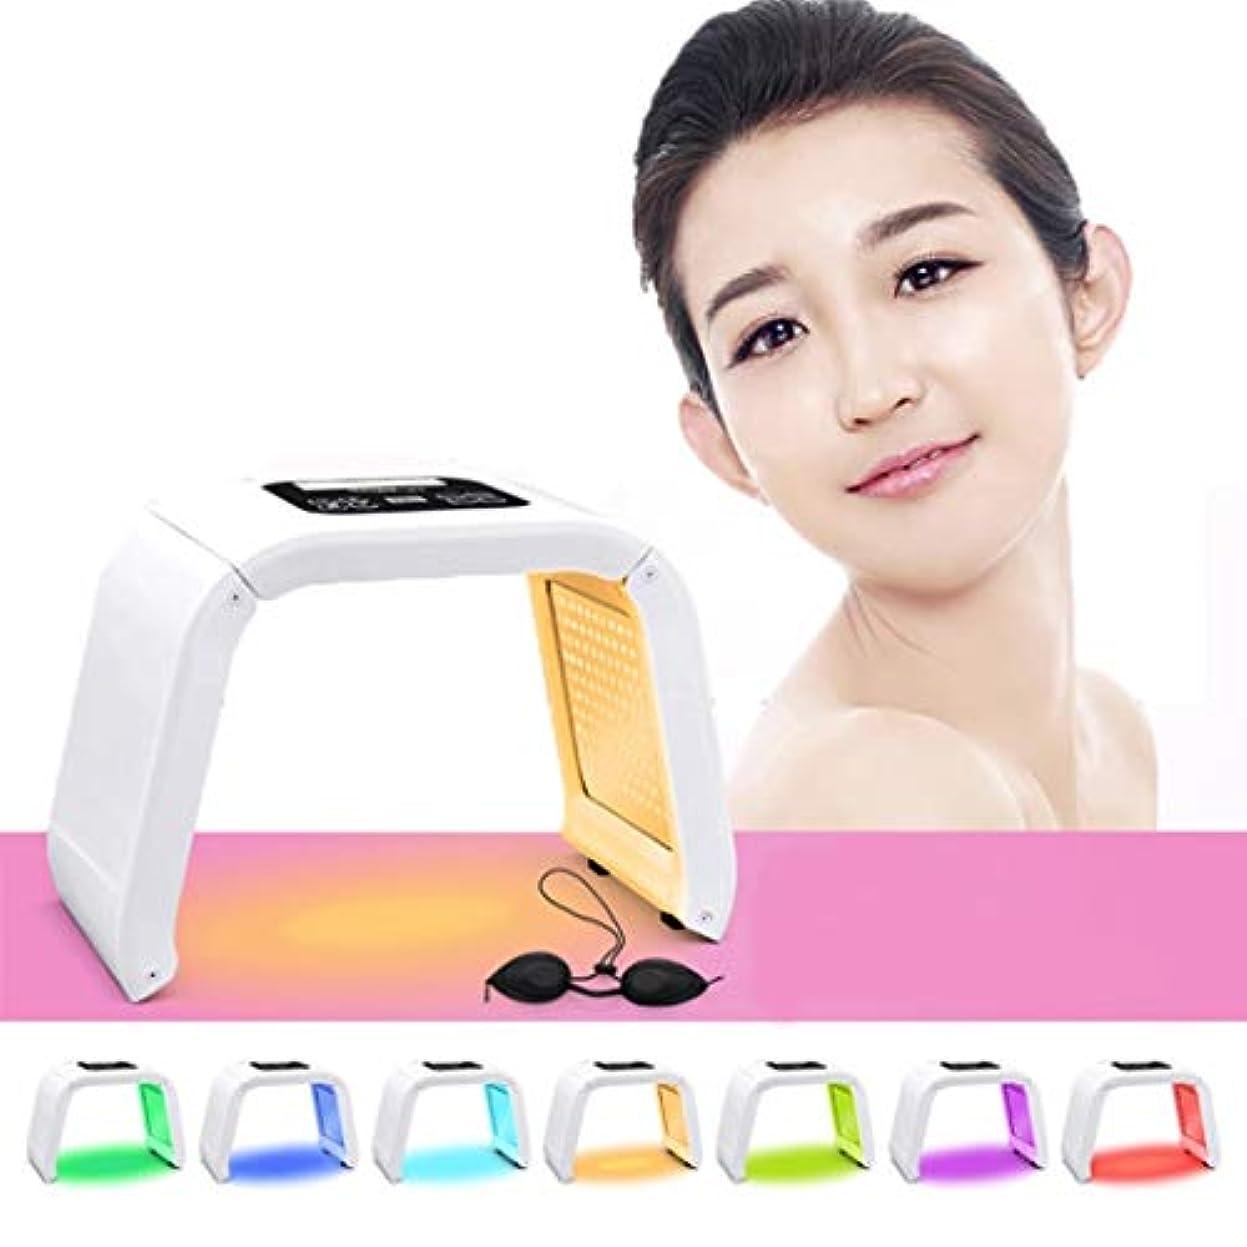 活力辞書カビLZPZP 健康な肌のための美容マシンの肌の若返りLED機器、若返りコラーゲンPDTにきび治療しわ除去アンチエイジング LZPZP